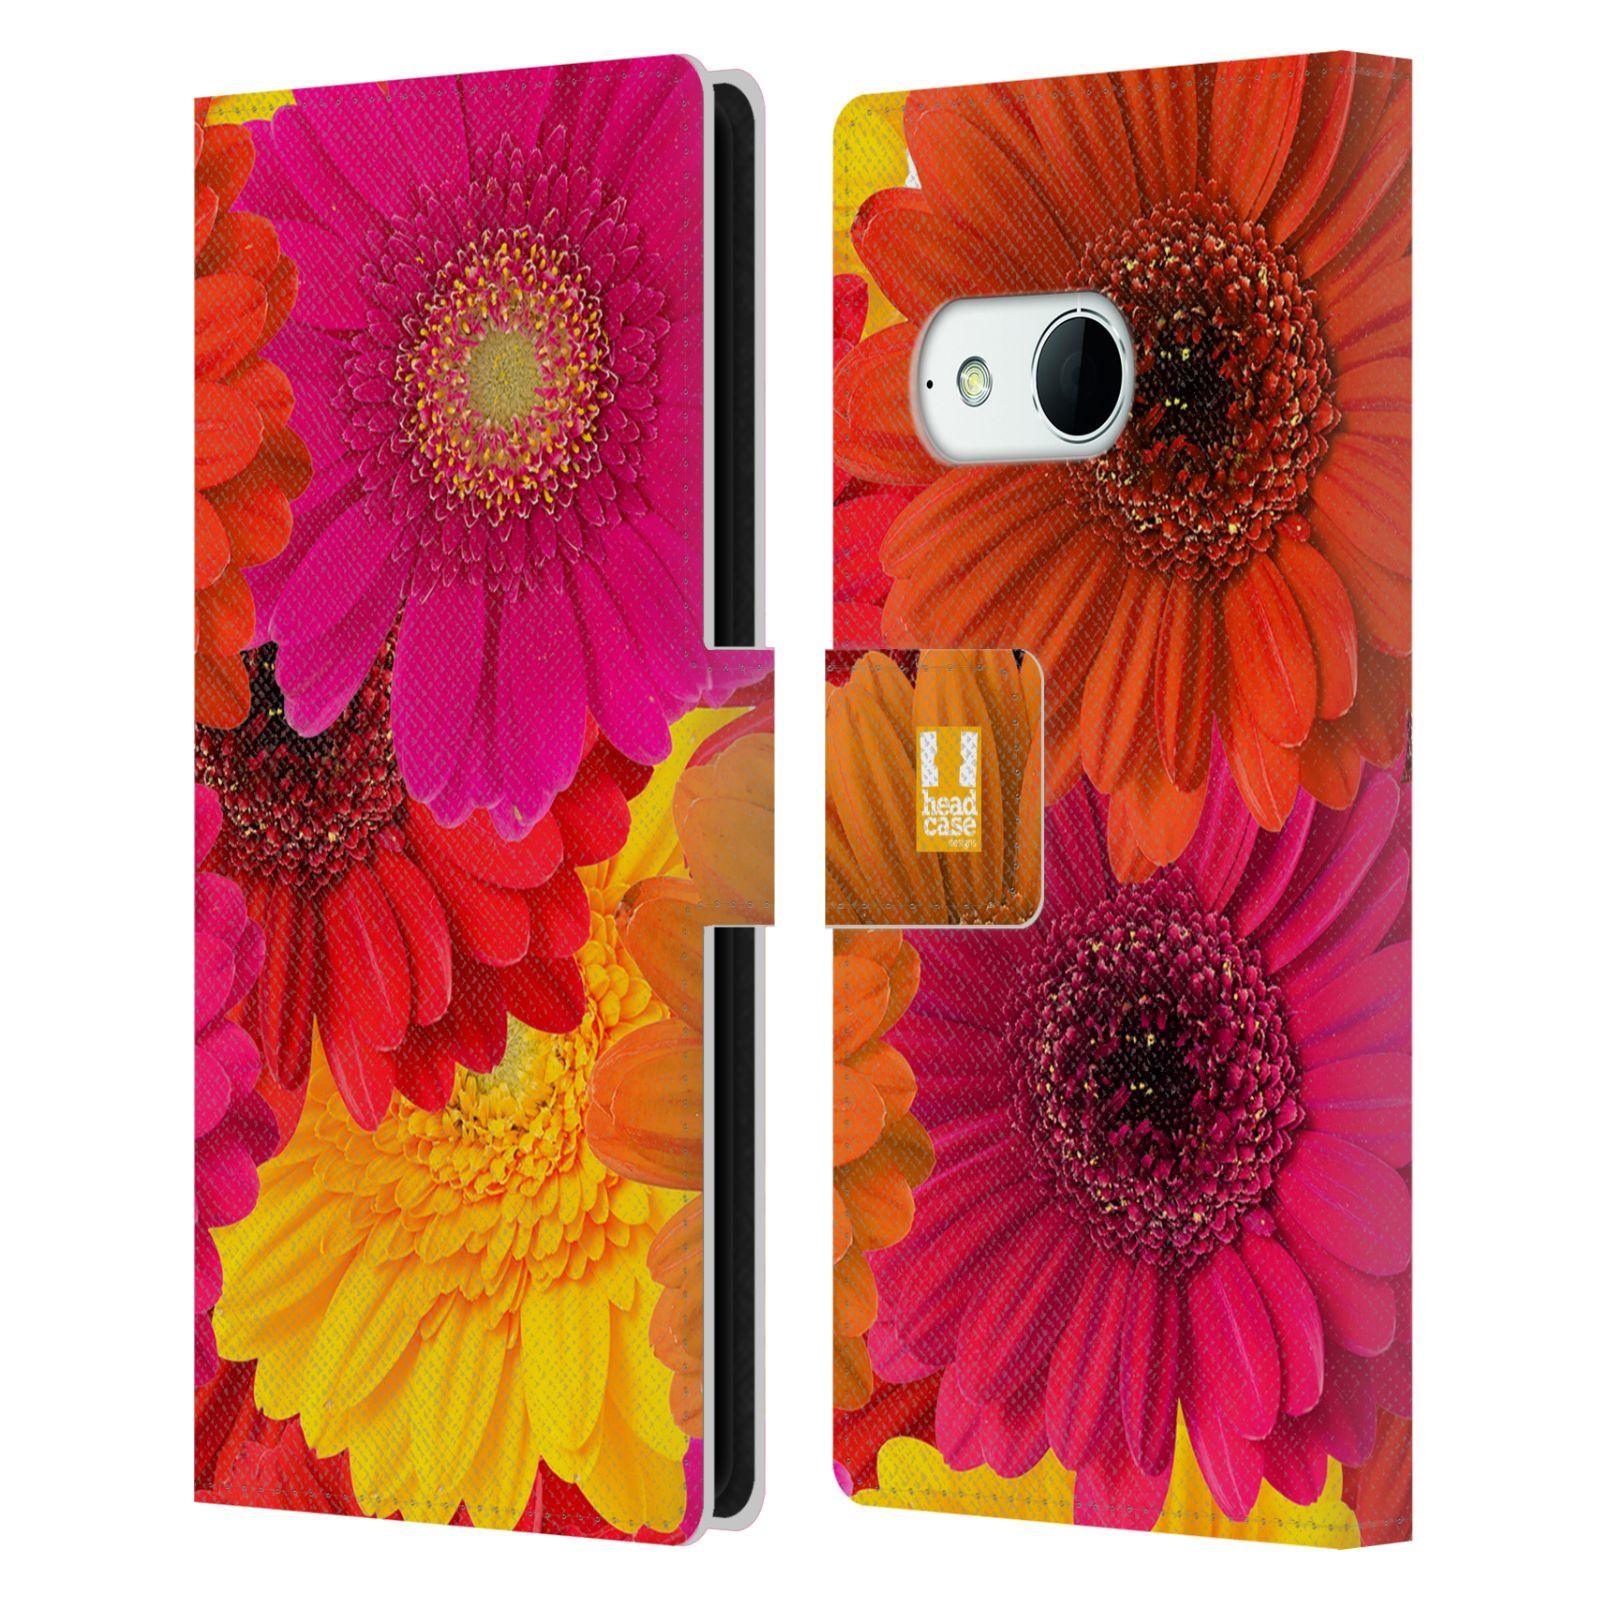 HEAD CASE Flipové pouzdro pro mobil HTC ONE MINI 2 (M8) květy foto fialová, oranžová GERBERA